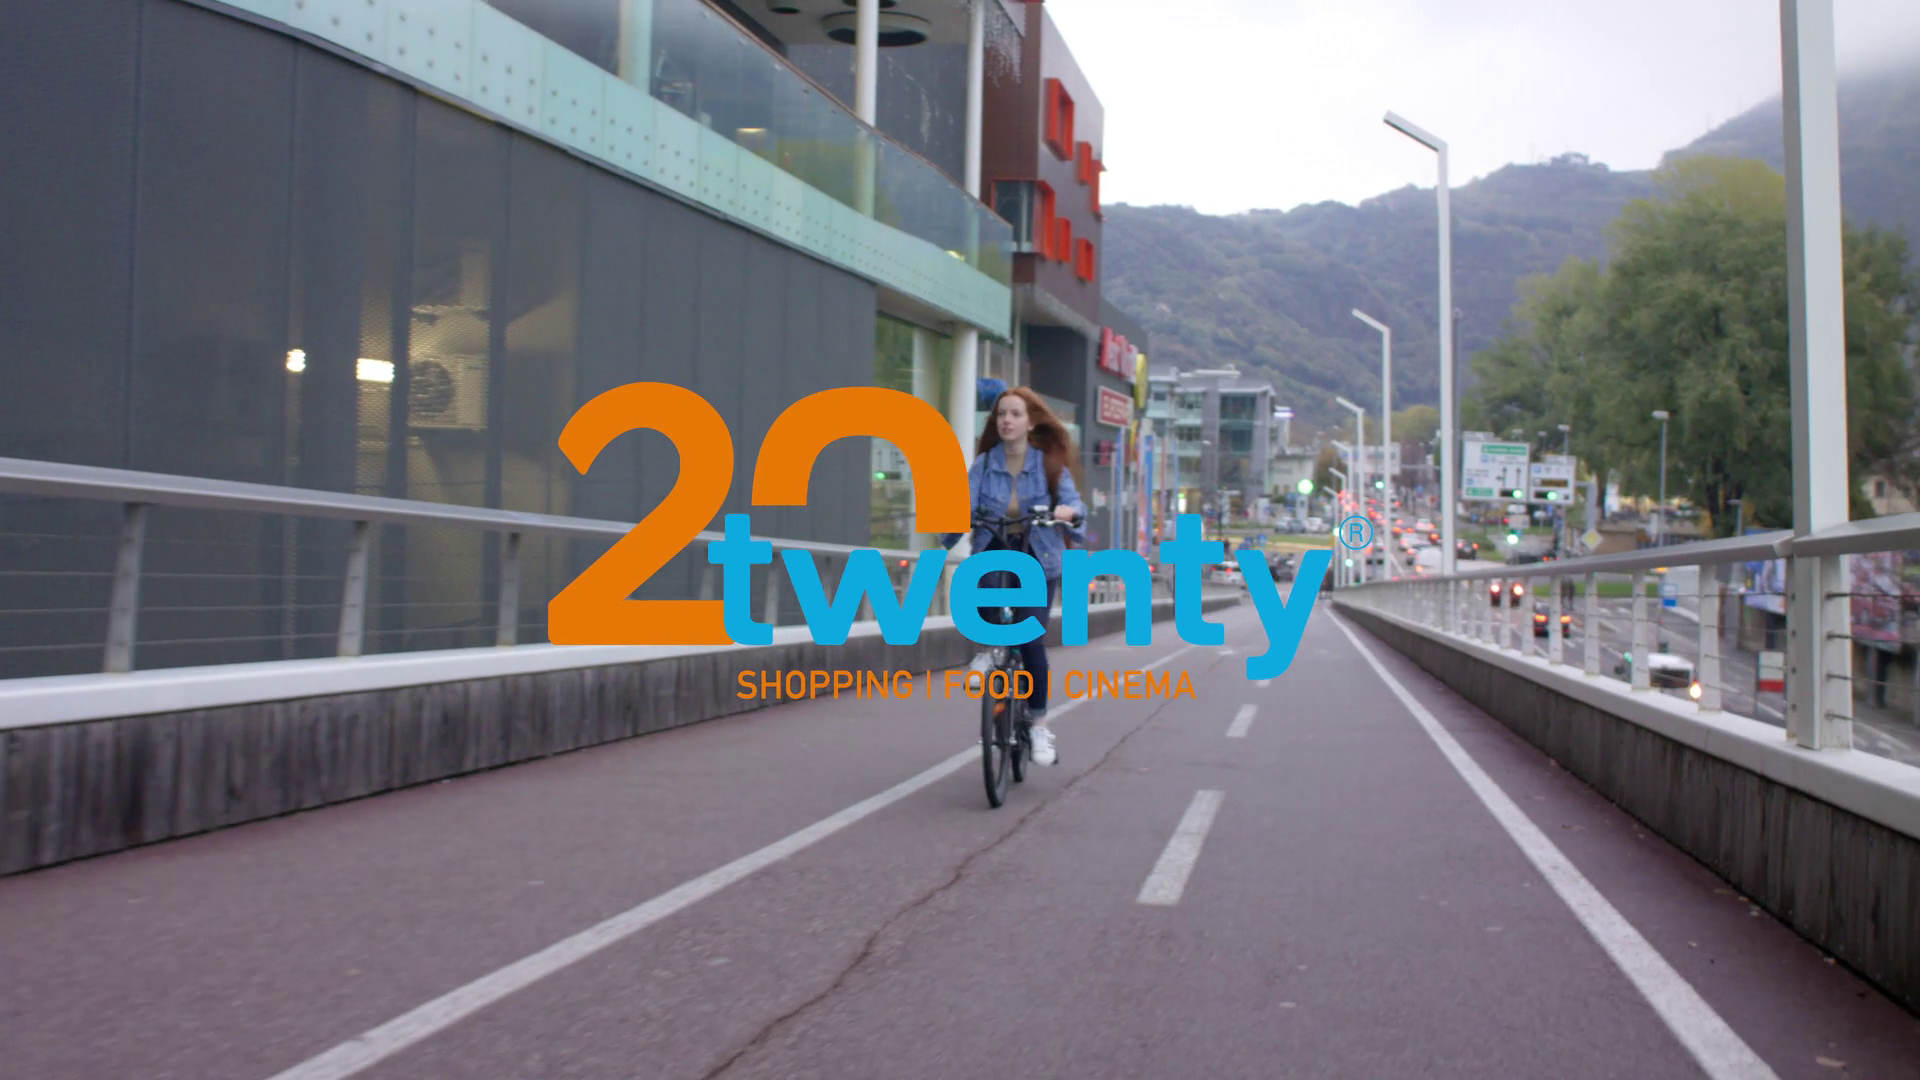 Spot Twenty shopping center - Frabiatofilm